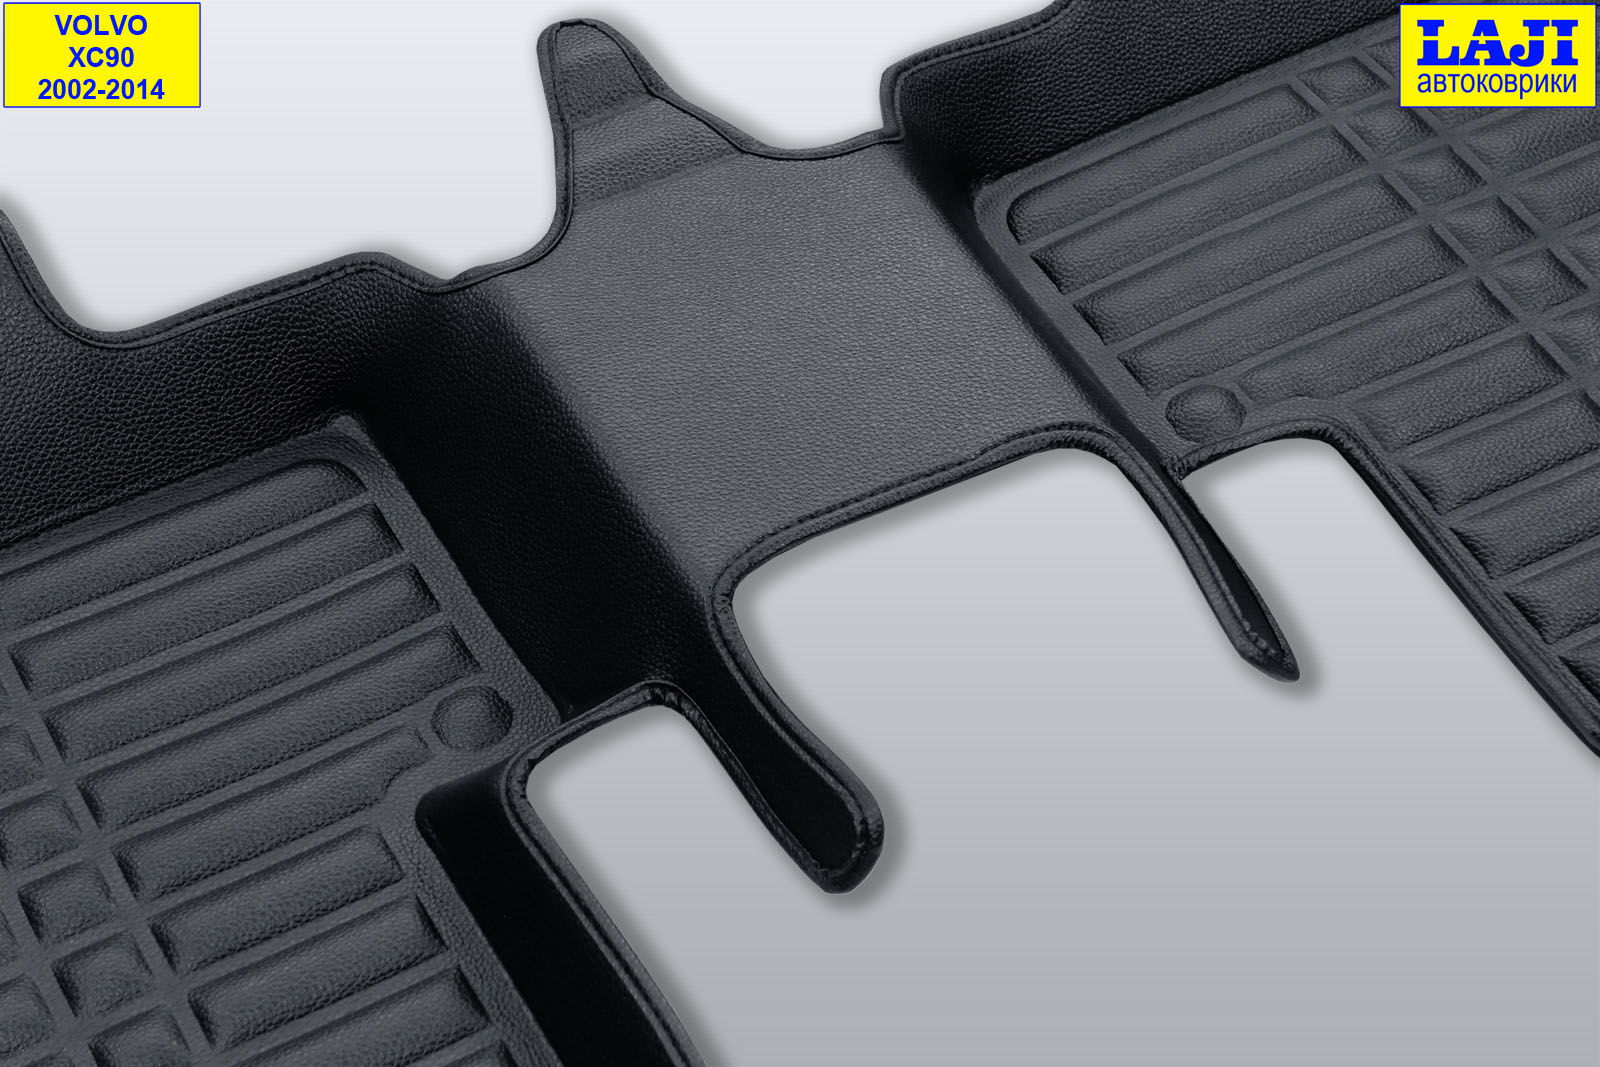 5D коврики в салон Volvo XC90 I 2002-2014 11